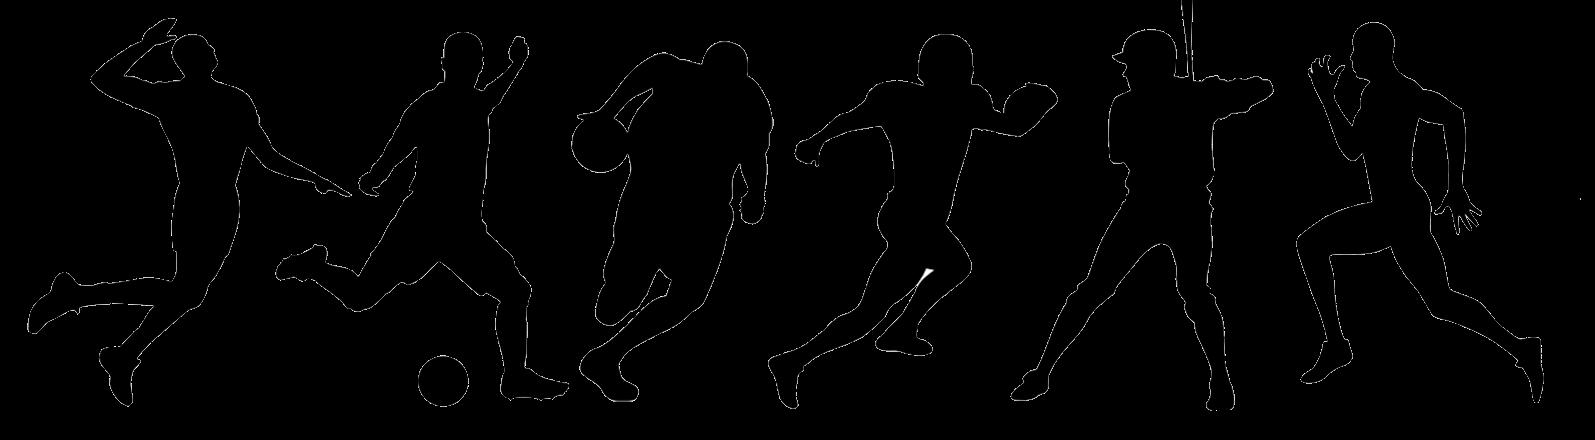 Курс по ставкам на спорт как правильно делать ставки на спортивные события